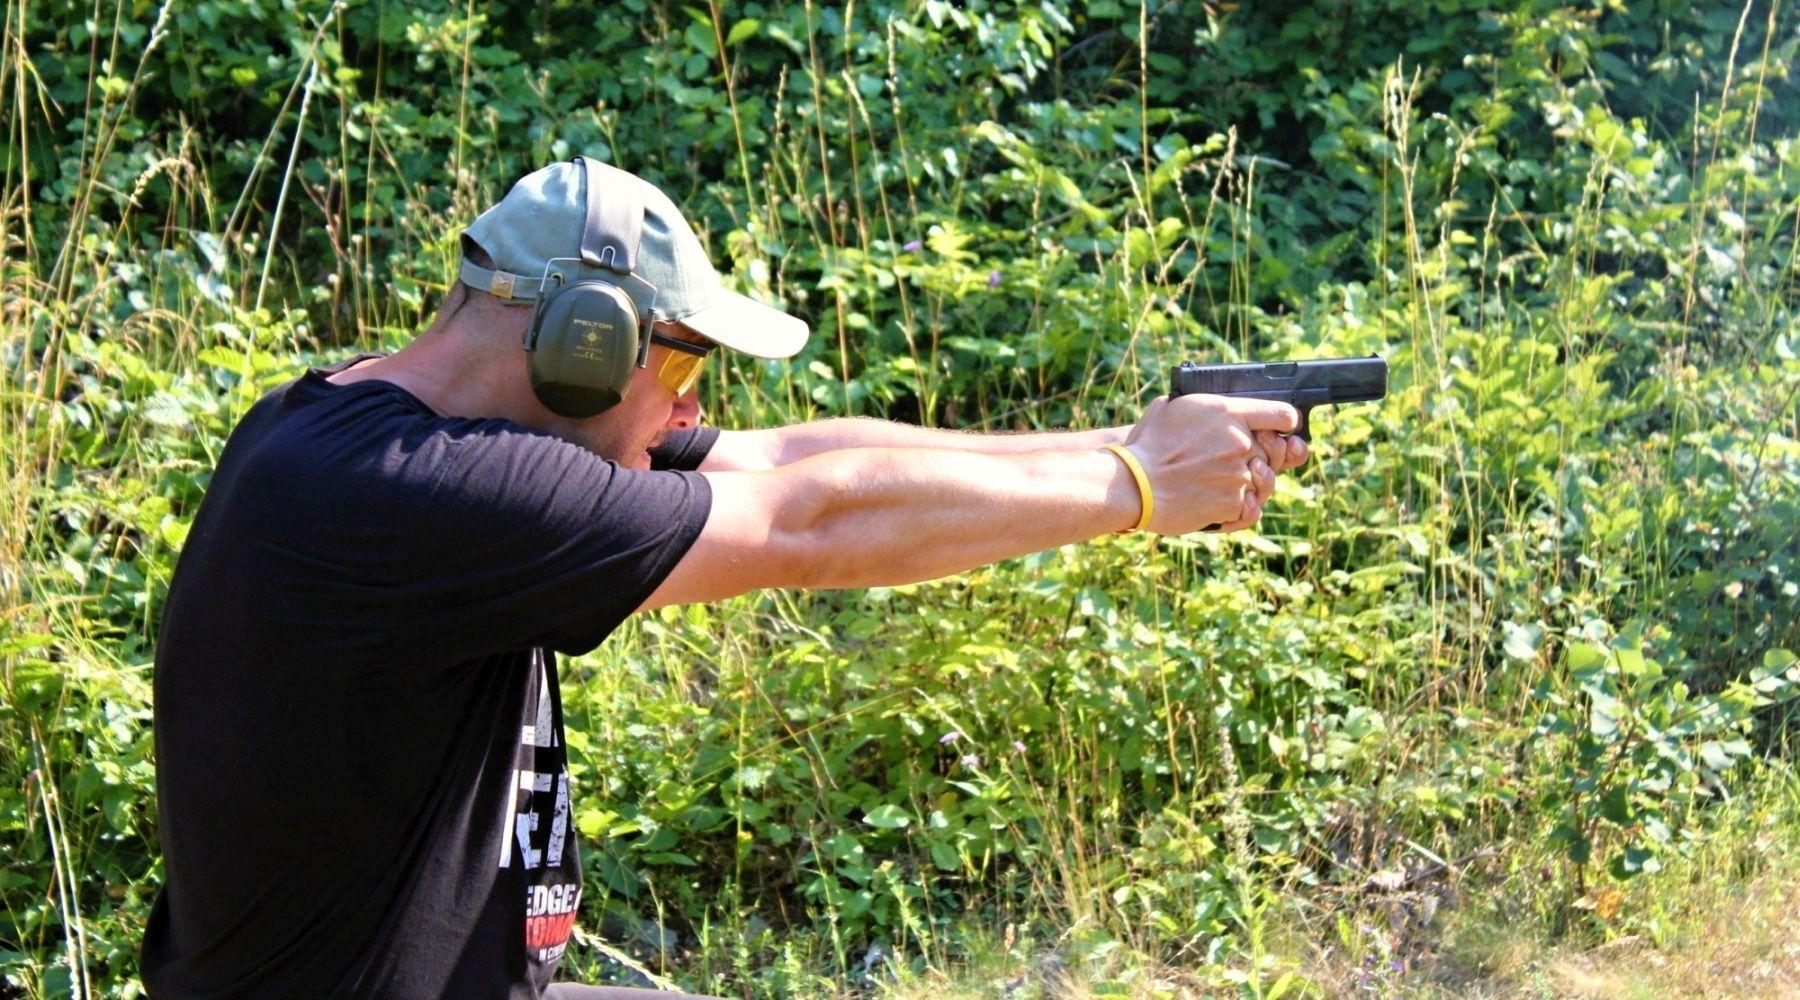 kurz obrannej streľby, zážitok a vzdelávanie armytraining.sk